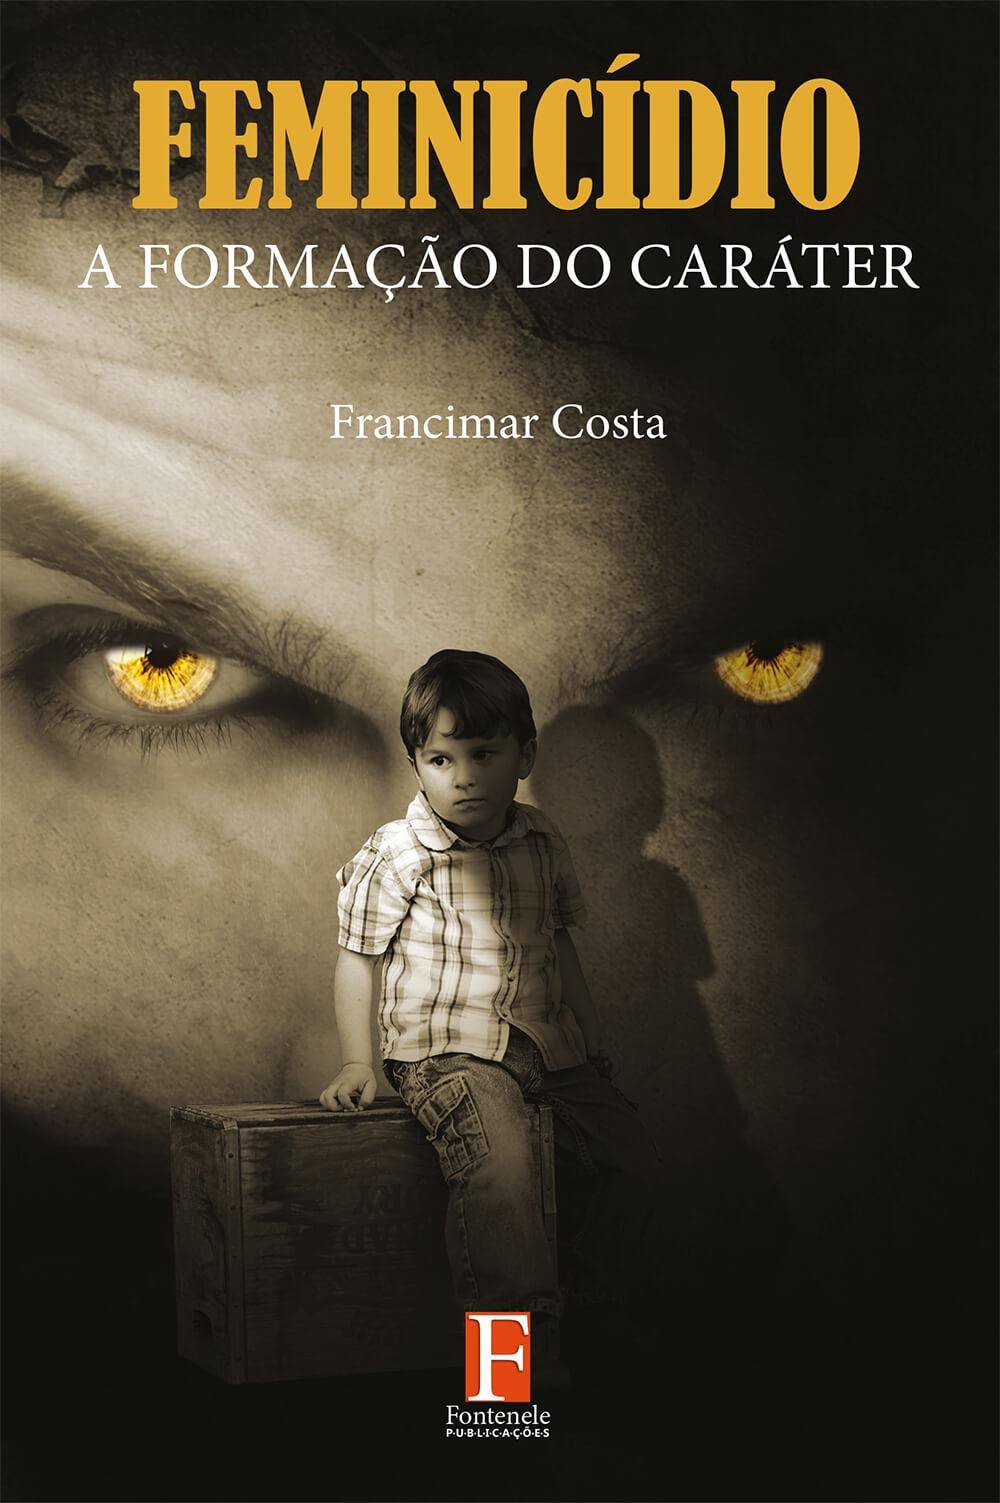 Fontenele Publicações / 11 95150-3481 / 11  95150-4383 FEMINICÍDIO: A FORMAÇÃO DO CARÁTER